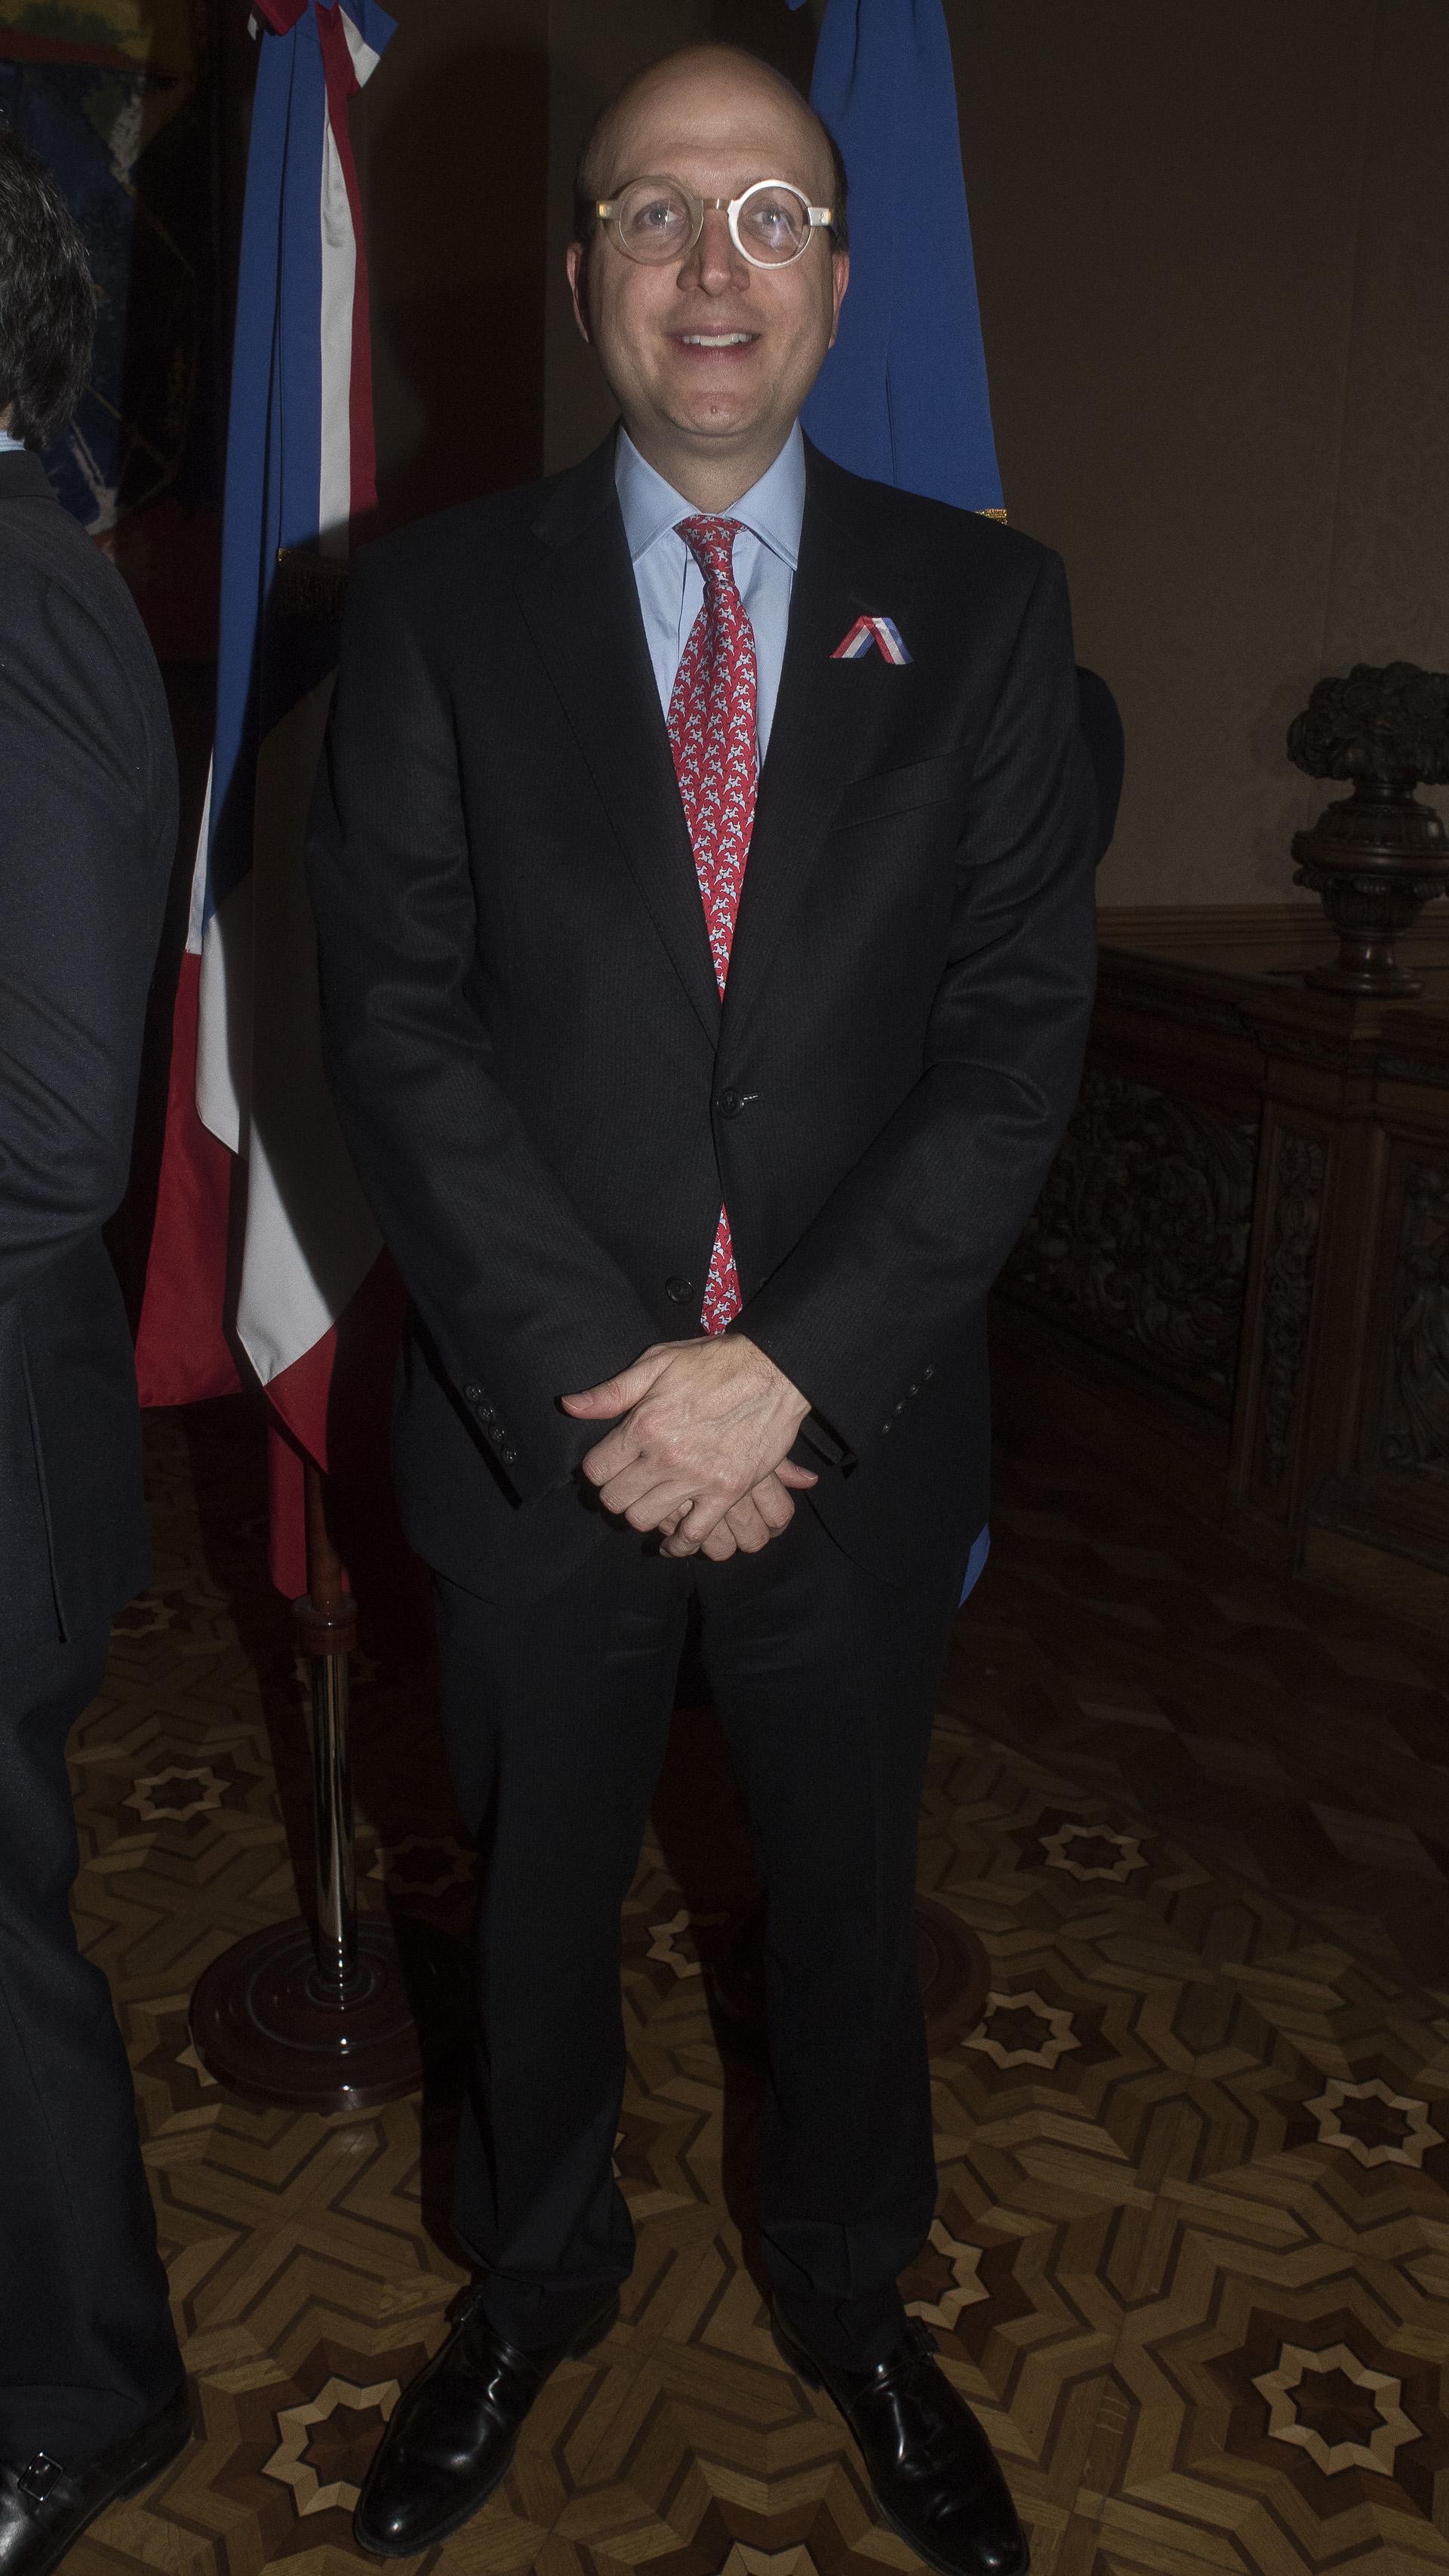 El director representante de CAF – Banco de Desarrollo de América Latina, Andrés Rugeles